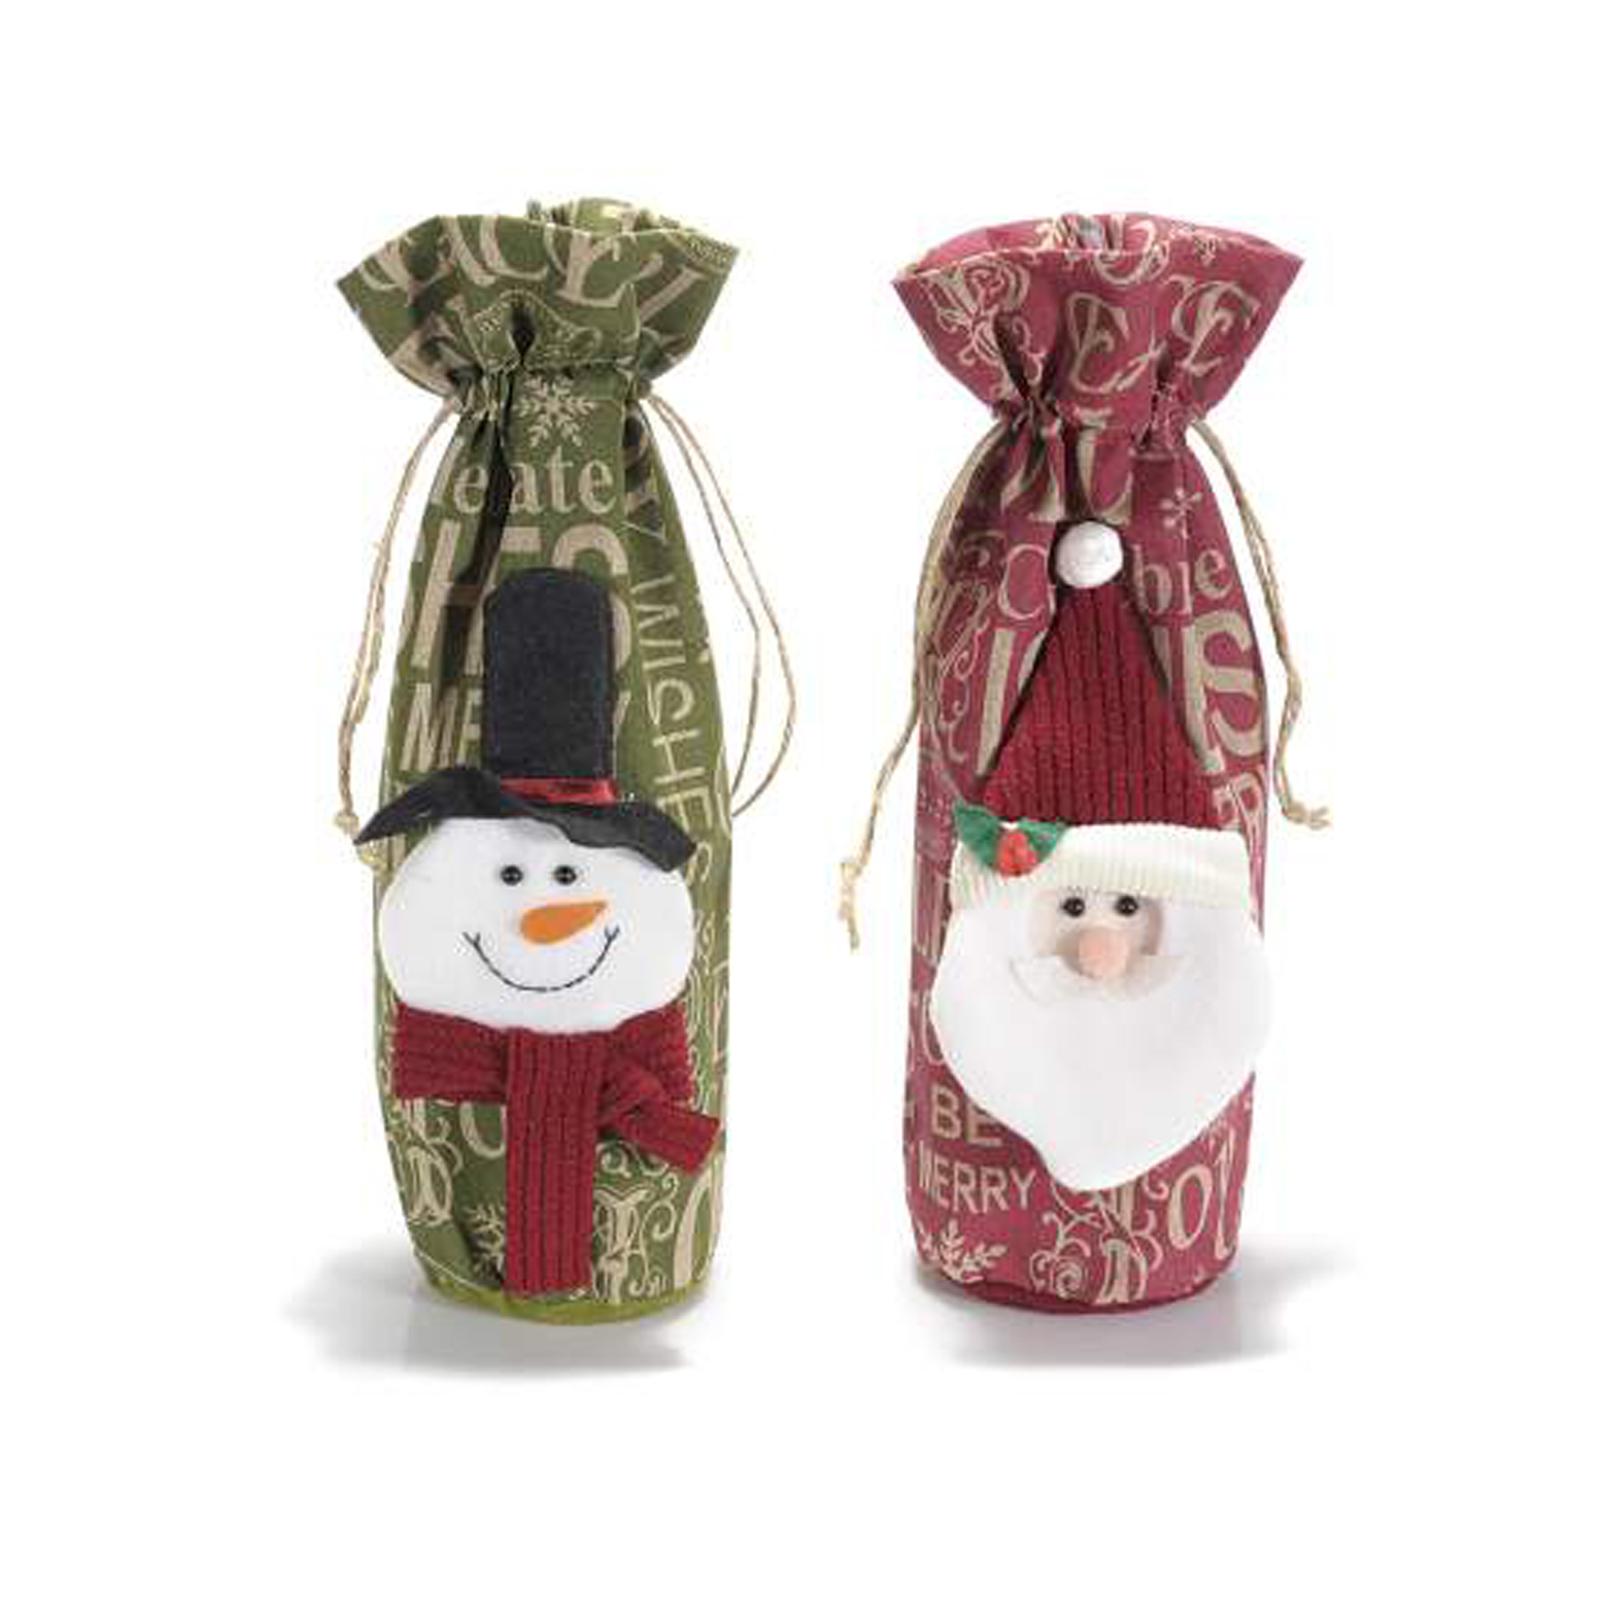 8pz sacchetto in panno con decorazioni natalizie e tirante ass 2 fantasie 9 5 cm x 33 h al - Decorazione natalizia per porta ...